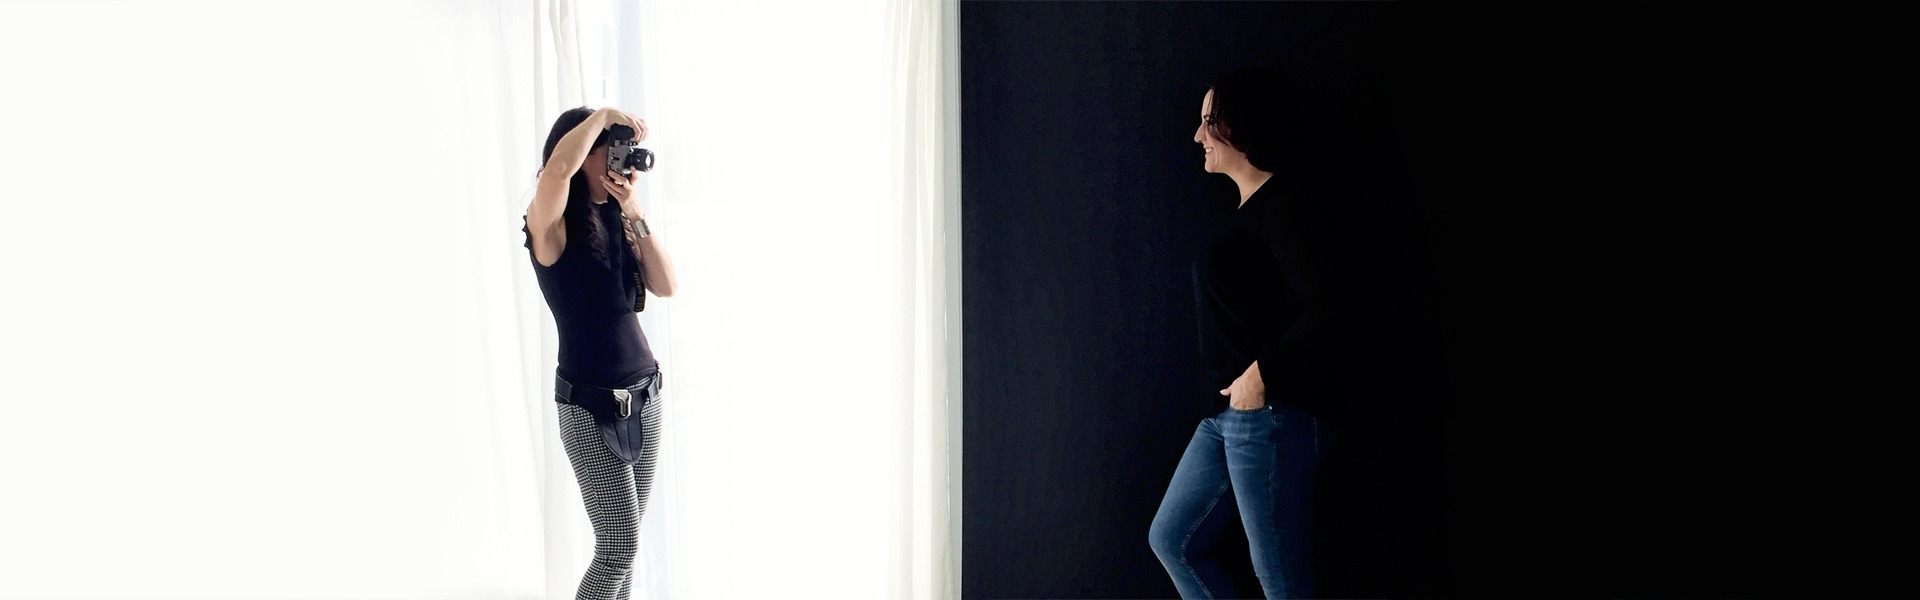 Expérience de séance photo en Studio de photographie